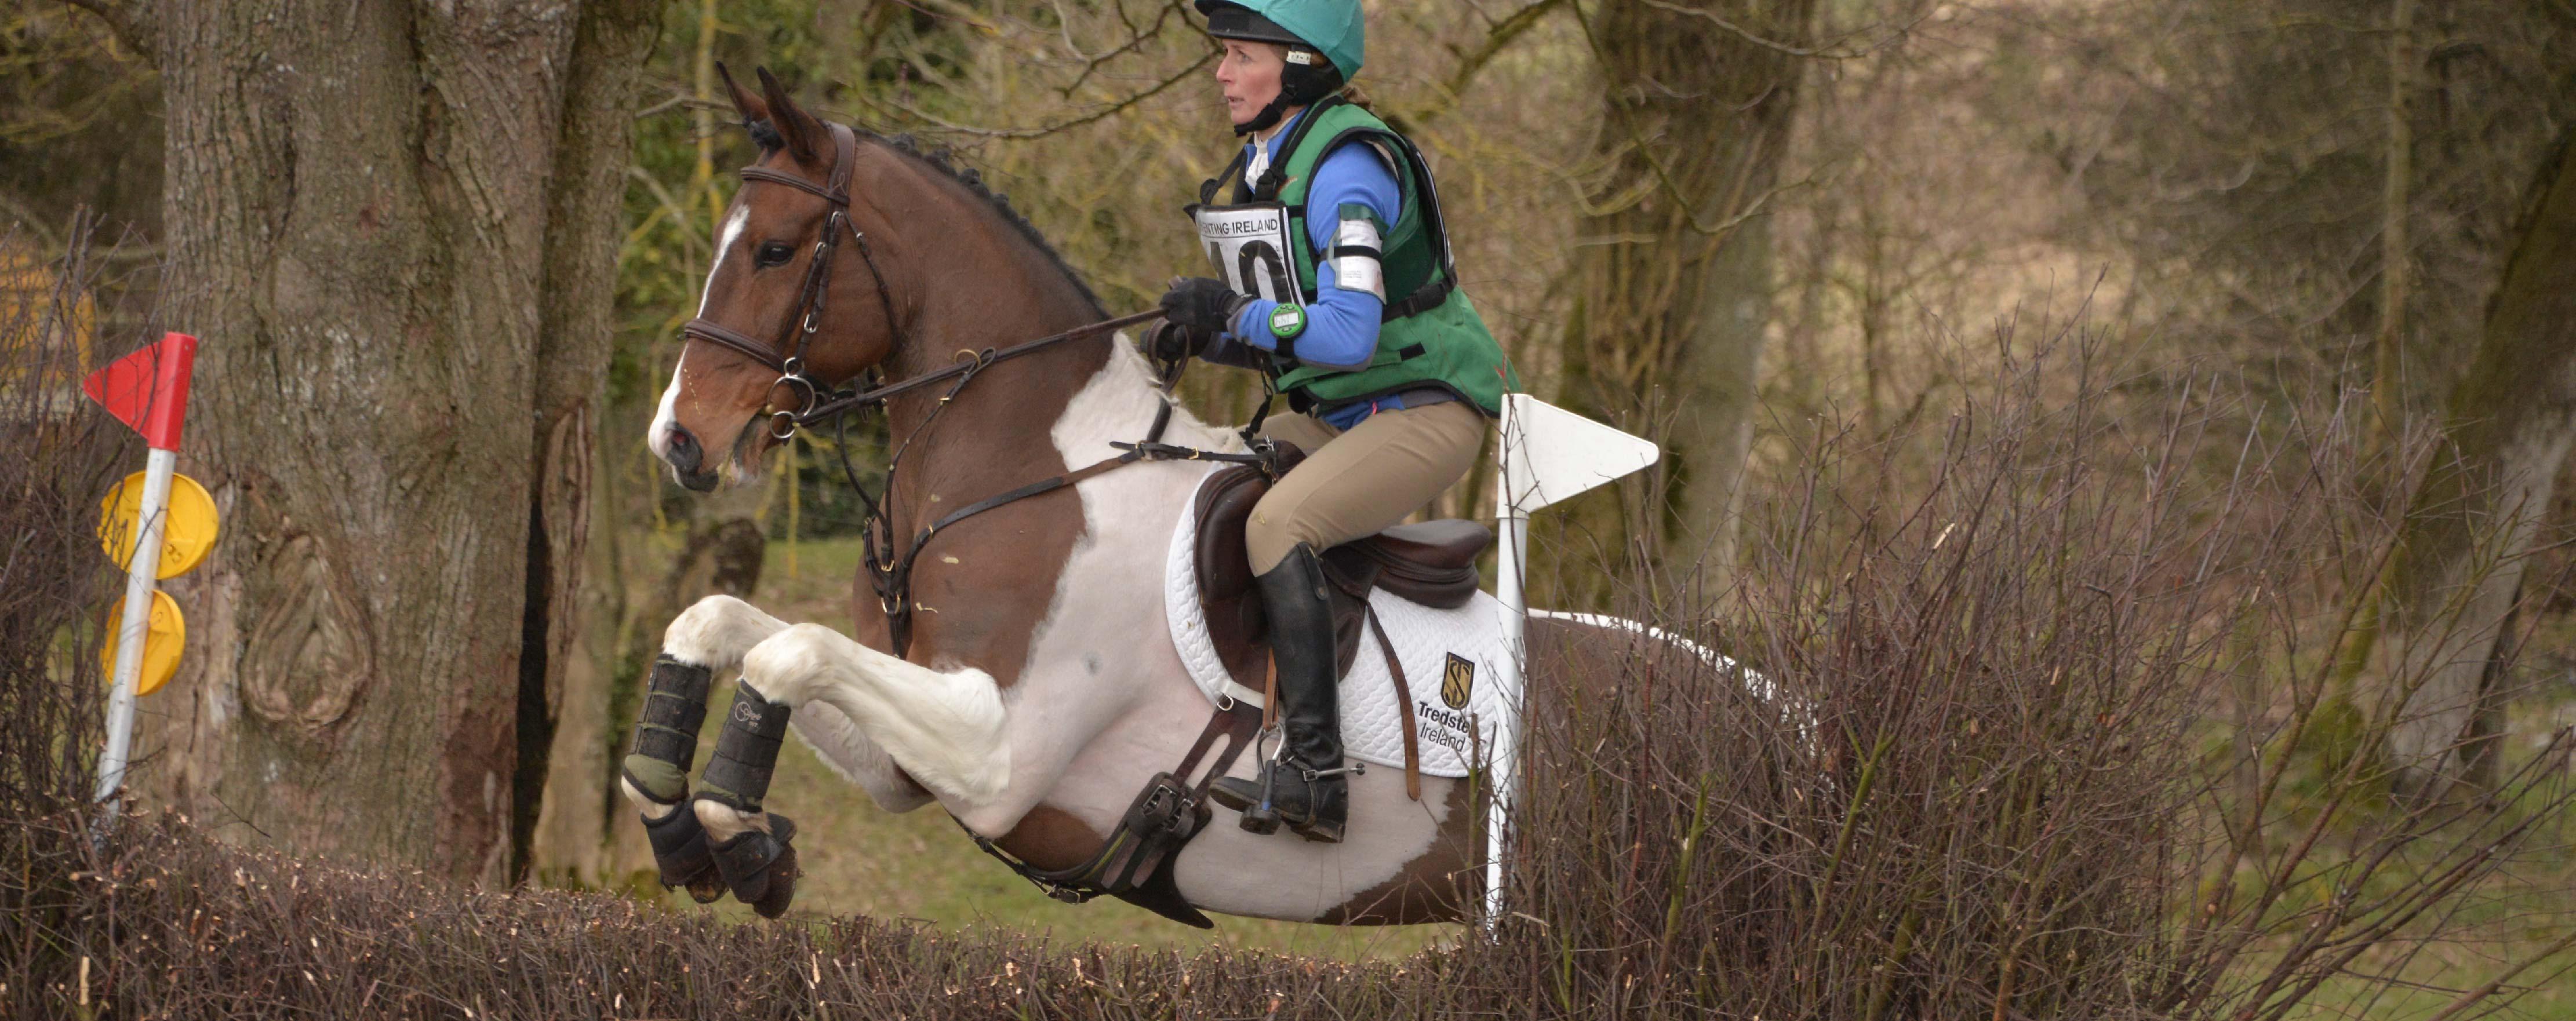 Ballinagore Horse Trials